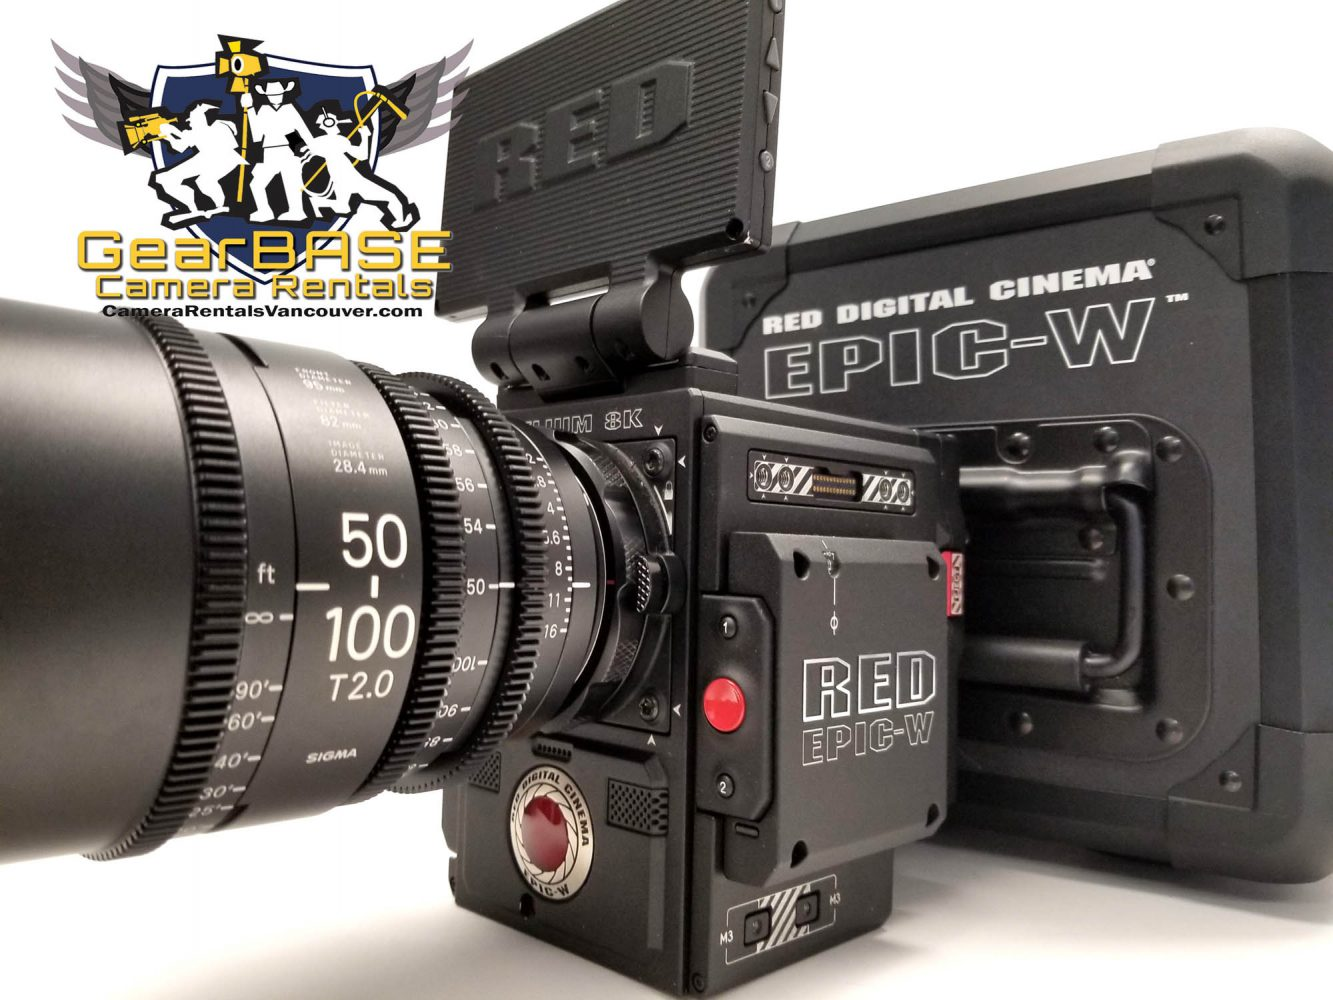 red epic w 8k helium rental camera rentals vancouver rh camerarentalsvancouver com Cinematic Red Cameras Red Alexa Camera